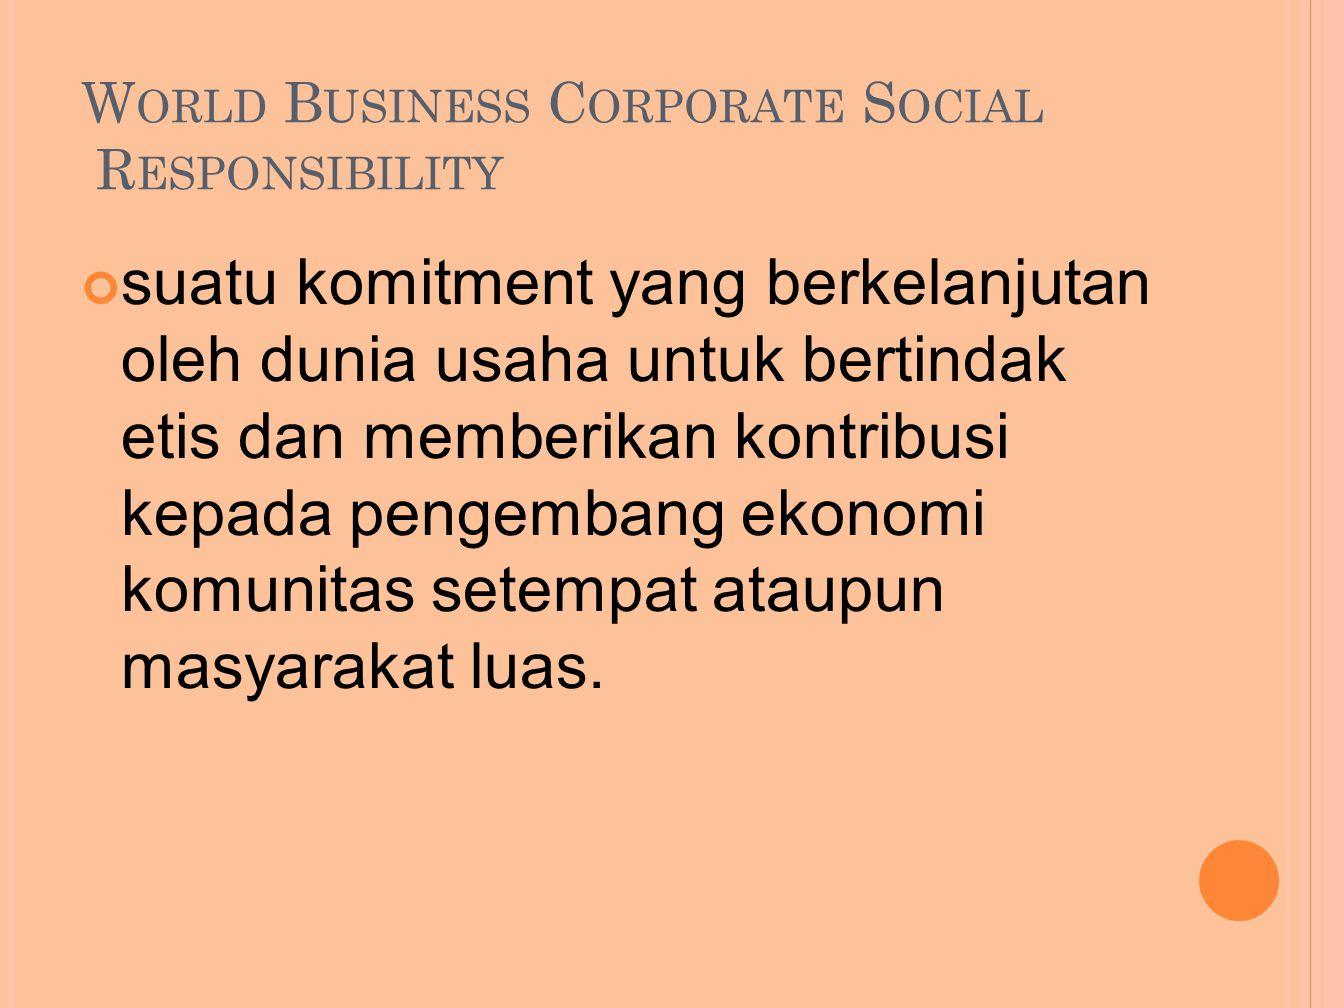 W ORLD B USINESS C ORPORATE S OCIAL R ESPONSIBILITY suatu komitment yang berkelanjutan oleh dunia usaha untuk bertindak etis dan memberikan kontribusi kepada pengembang ekonomi komunitas setempat ataupun masyarakat luas.